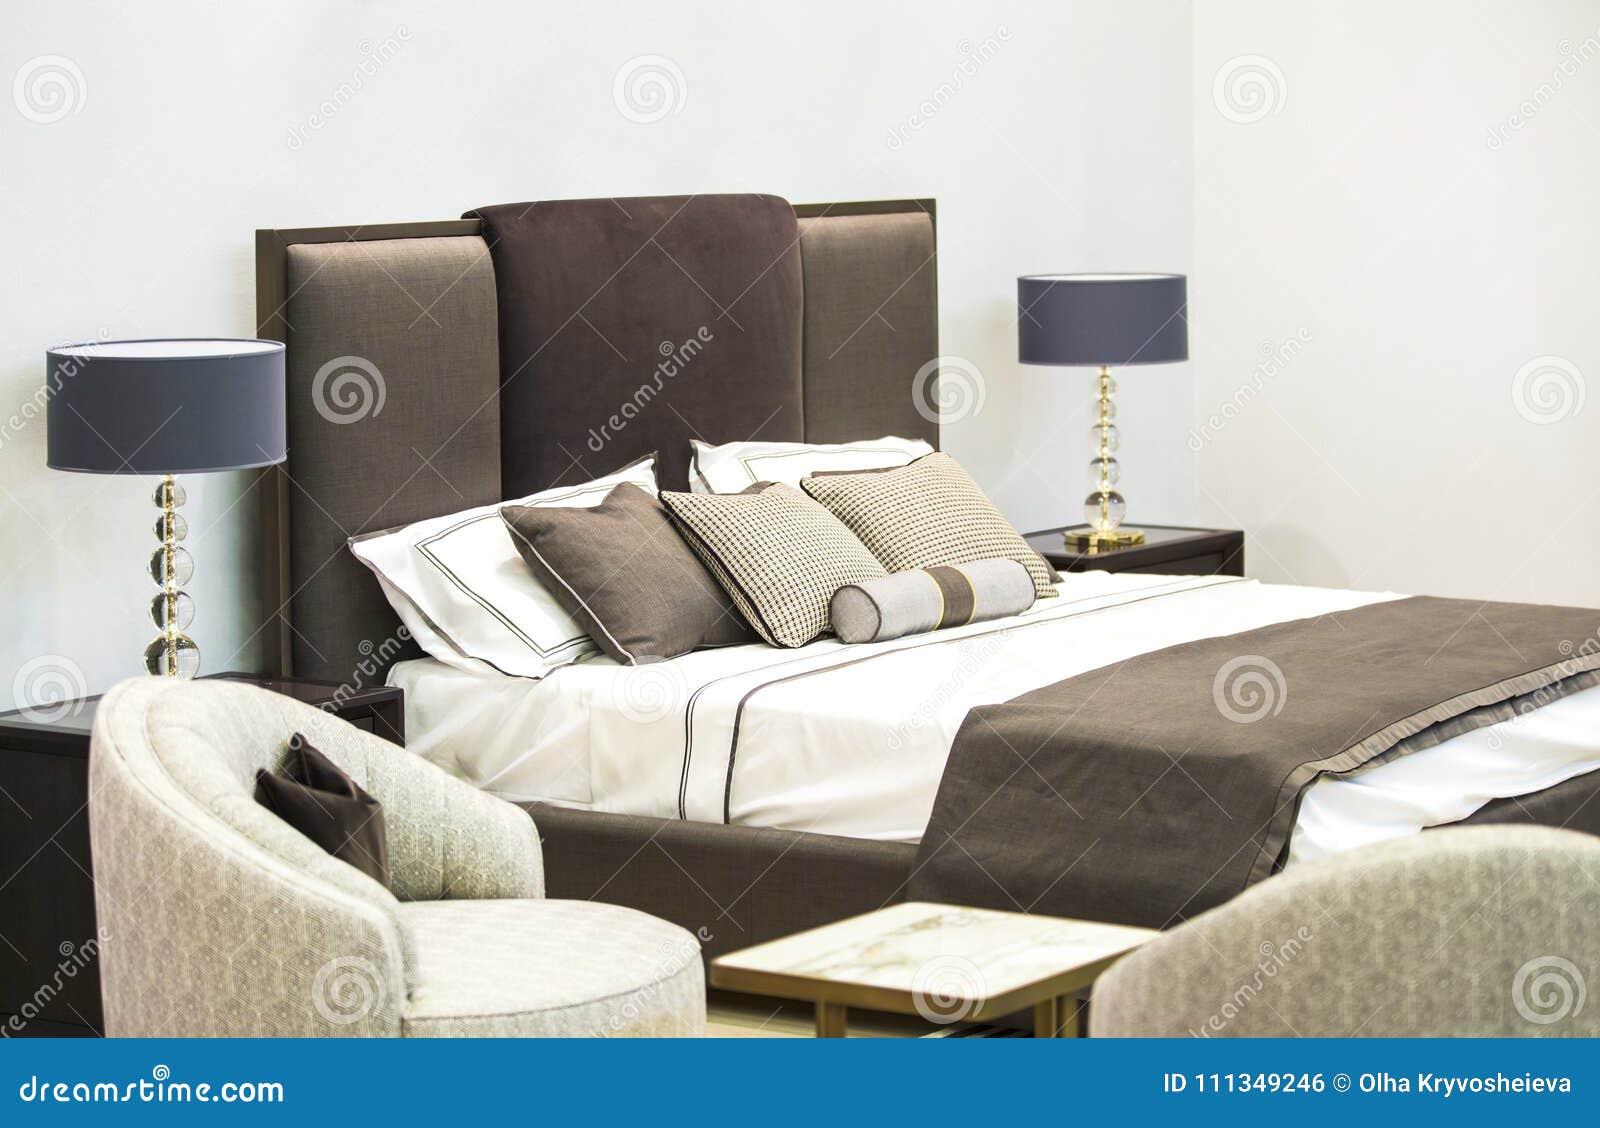 Stunning interno di lusso moderno della camera da letto di una stanza in un hotel con un letto e - Camere da letto originali ...